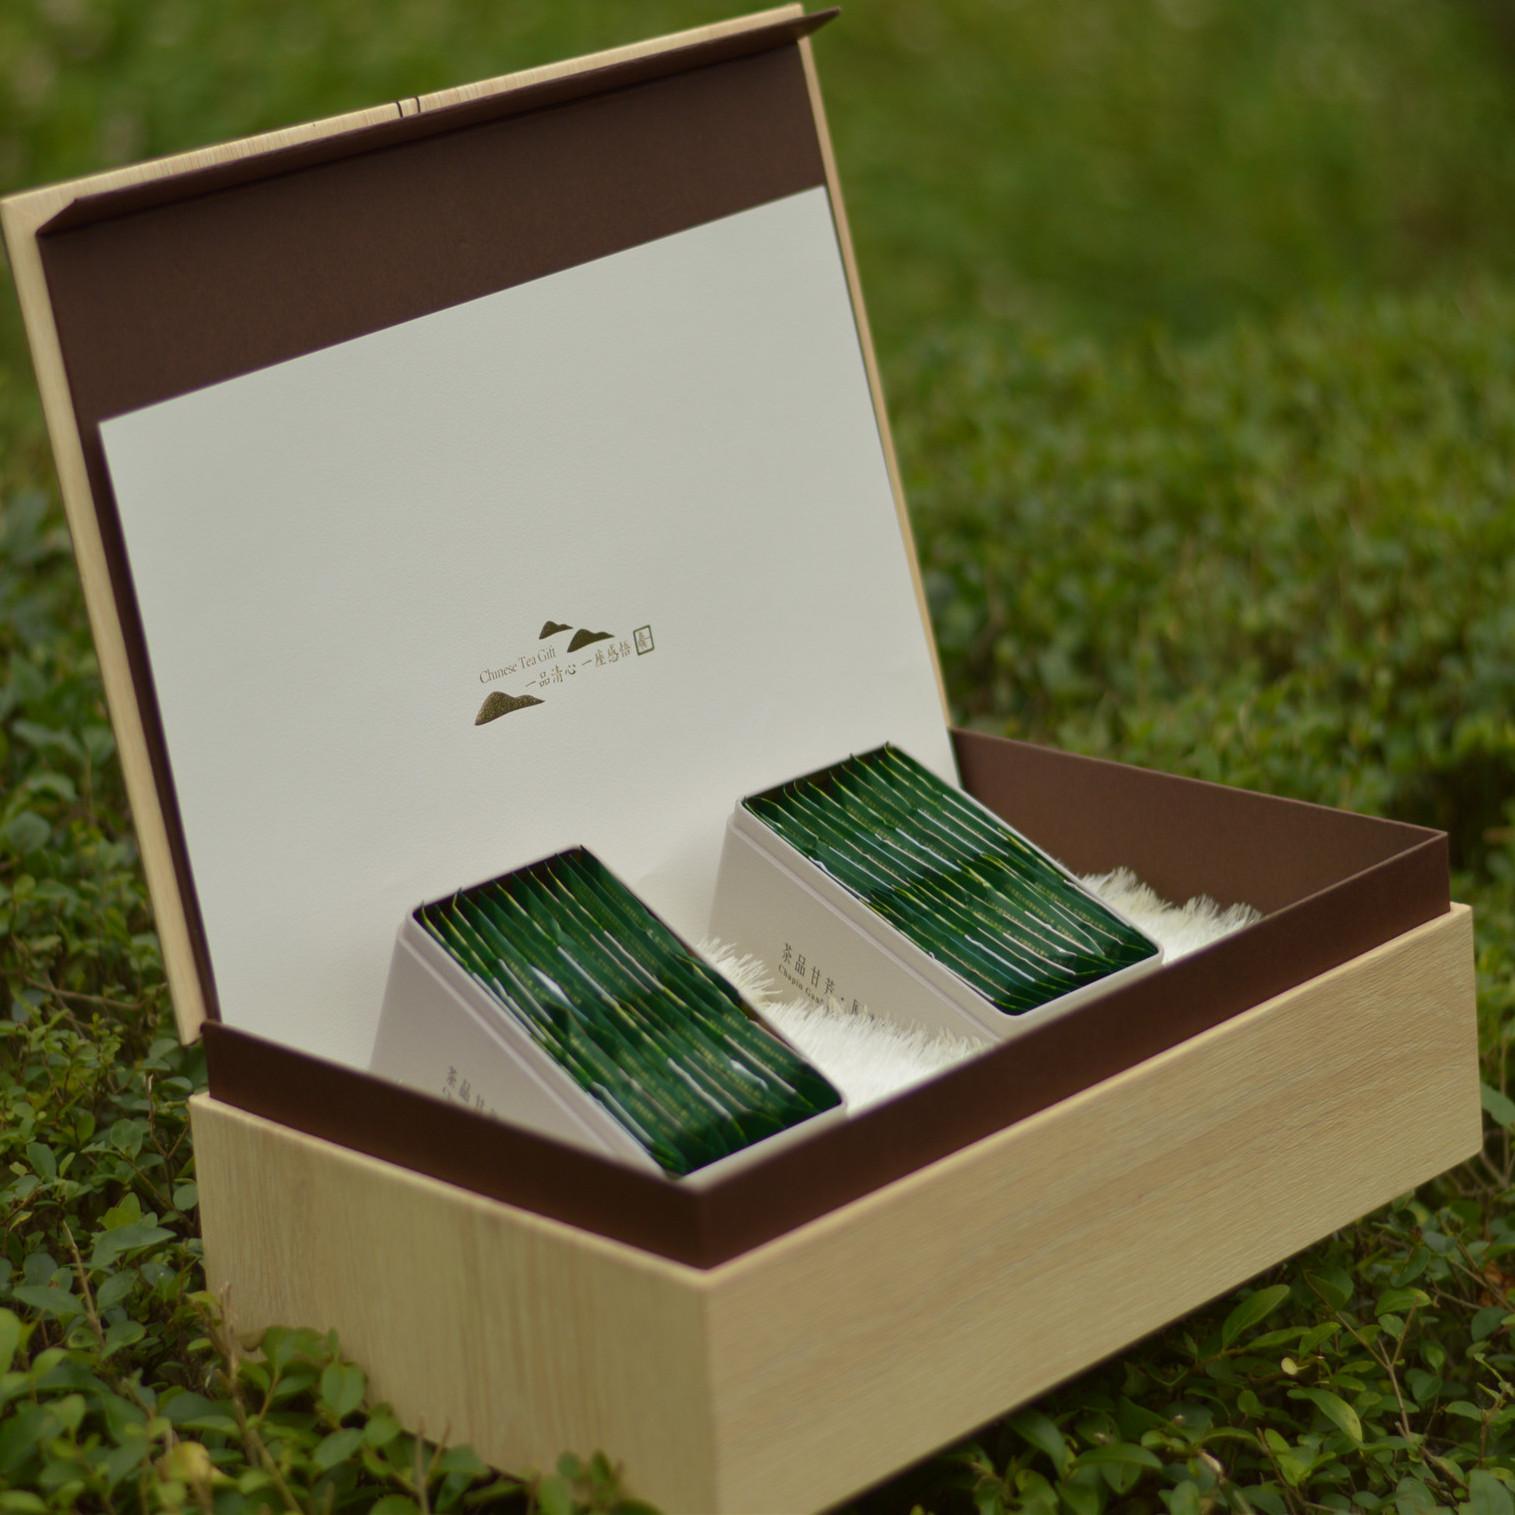 绿茶 两铁罐礼盒,2018年新上市明前茶,毛峰,绿茶,炒青